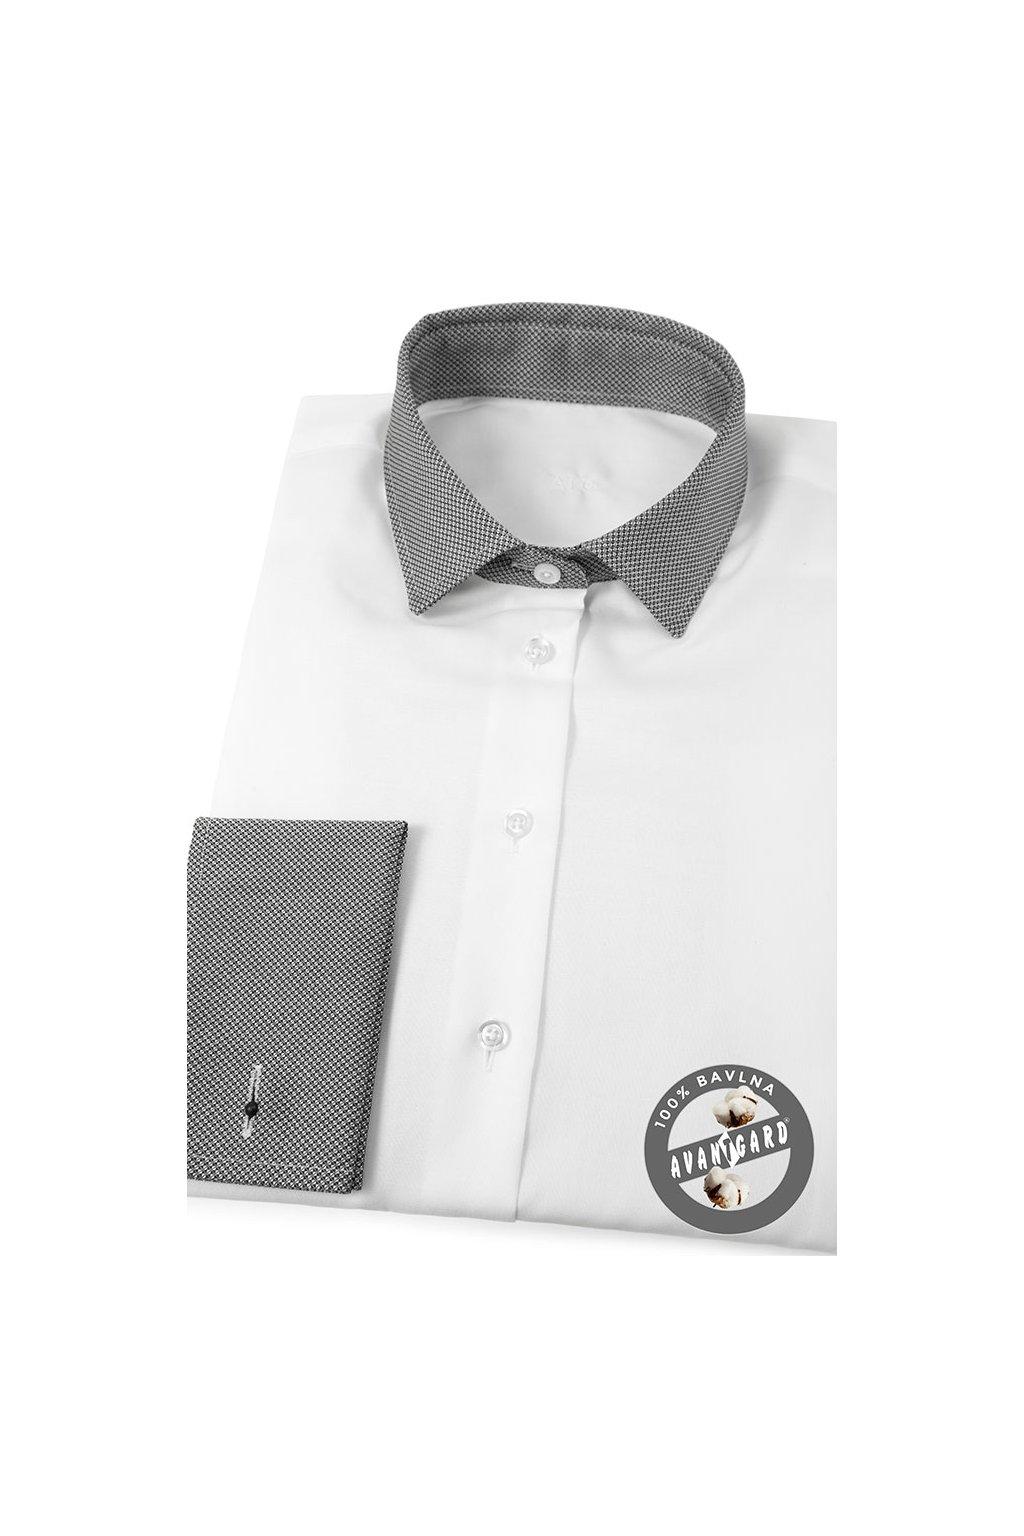 Dámská košile s dvojitými manžetami na manžetové knoflíčky bílá 722 - 0123